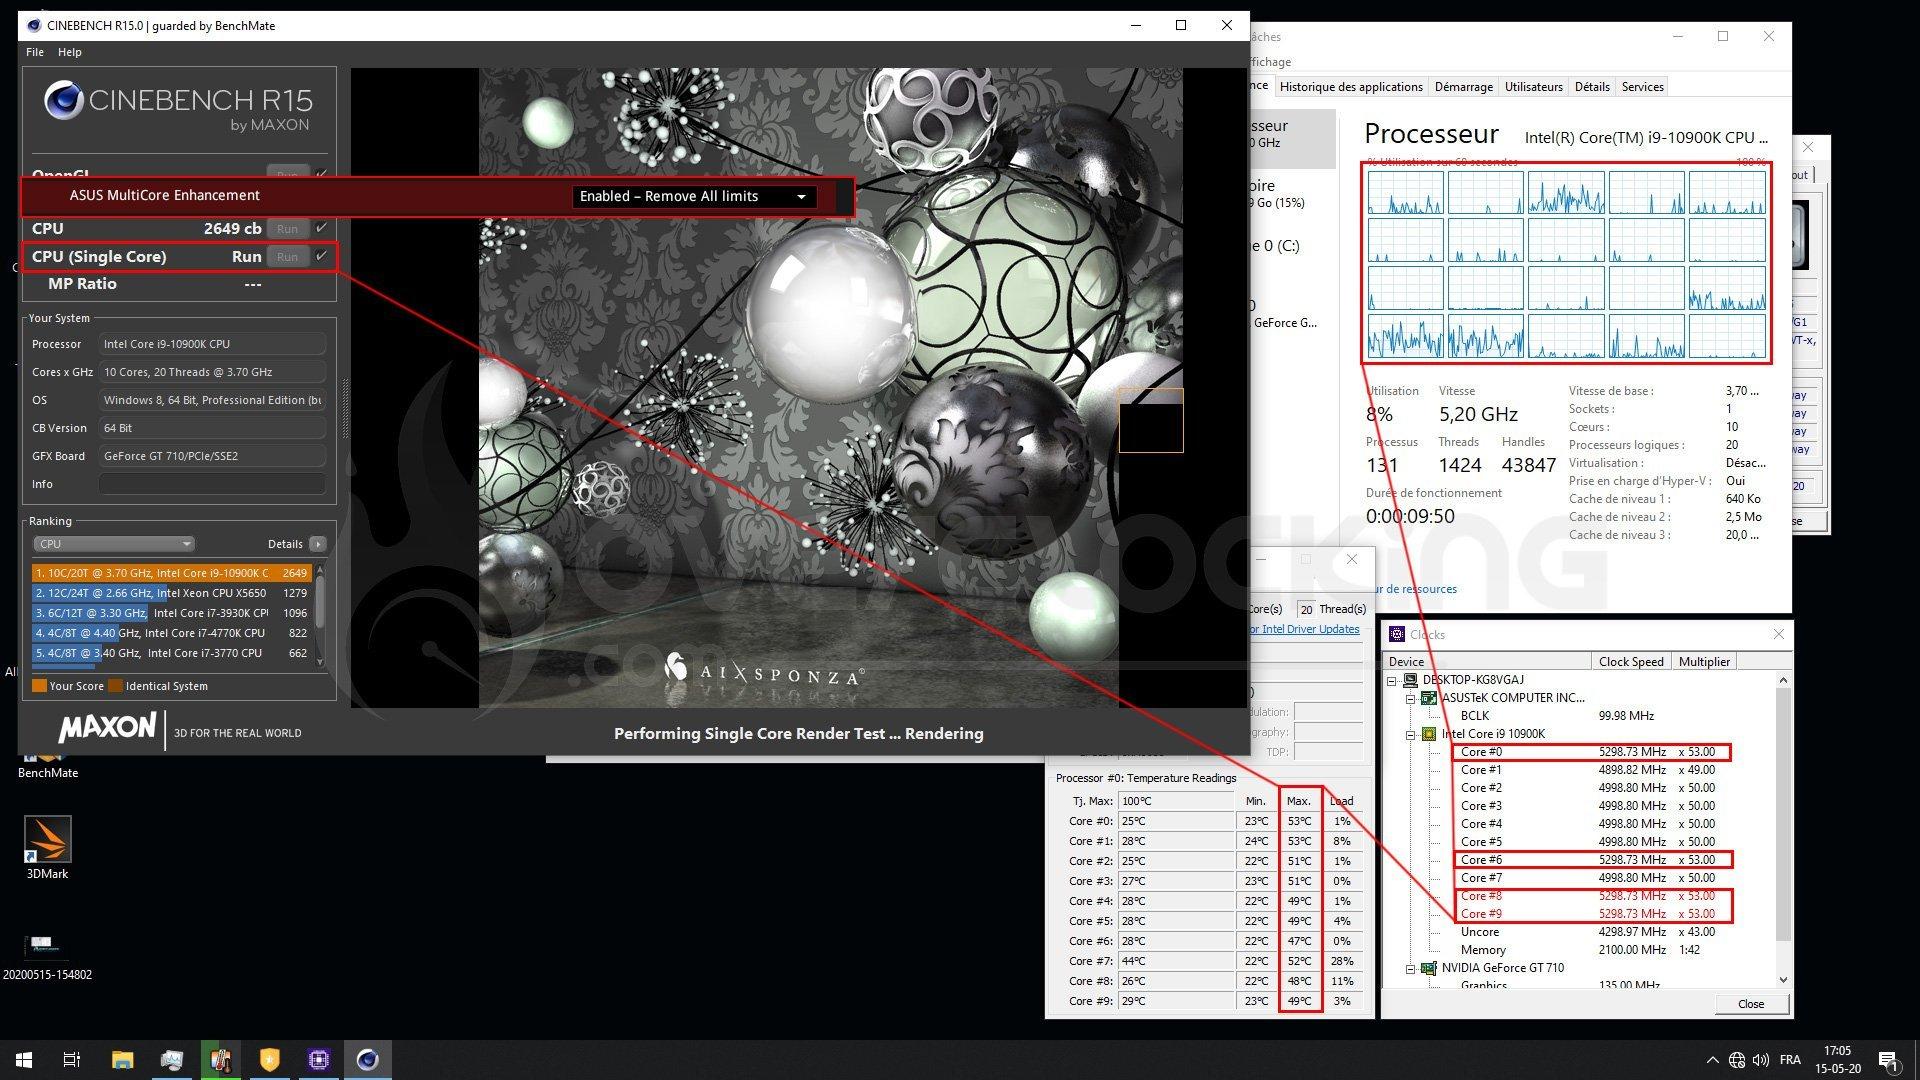 Performance 10900K en single core avec le MCE enabled